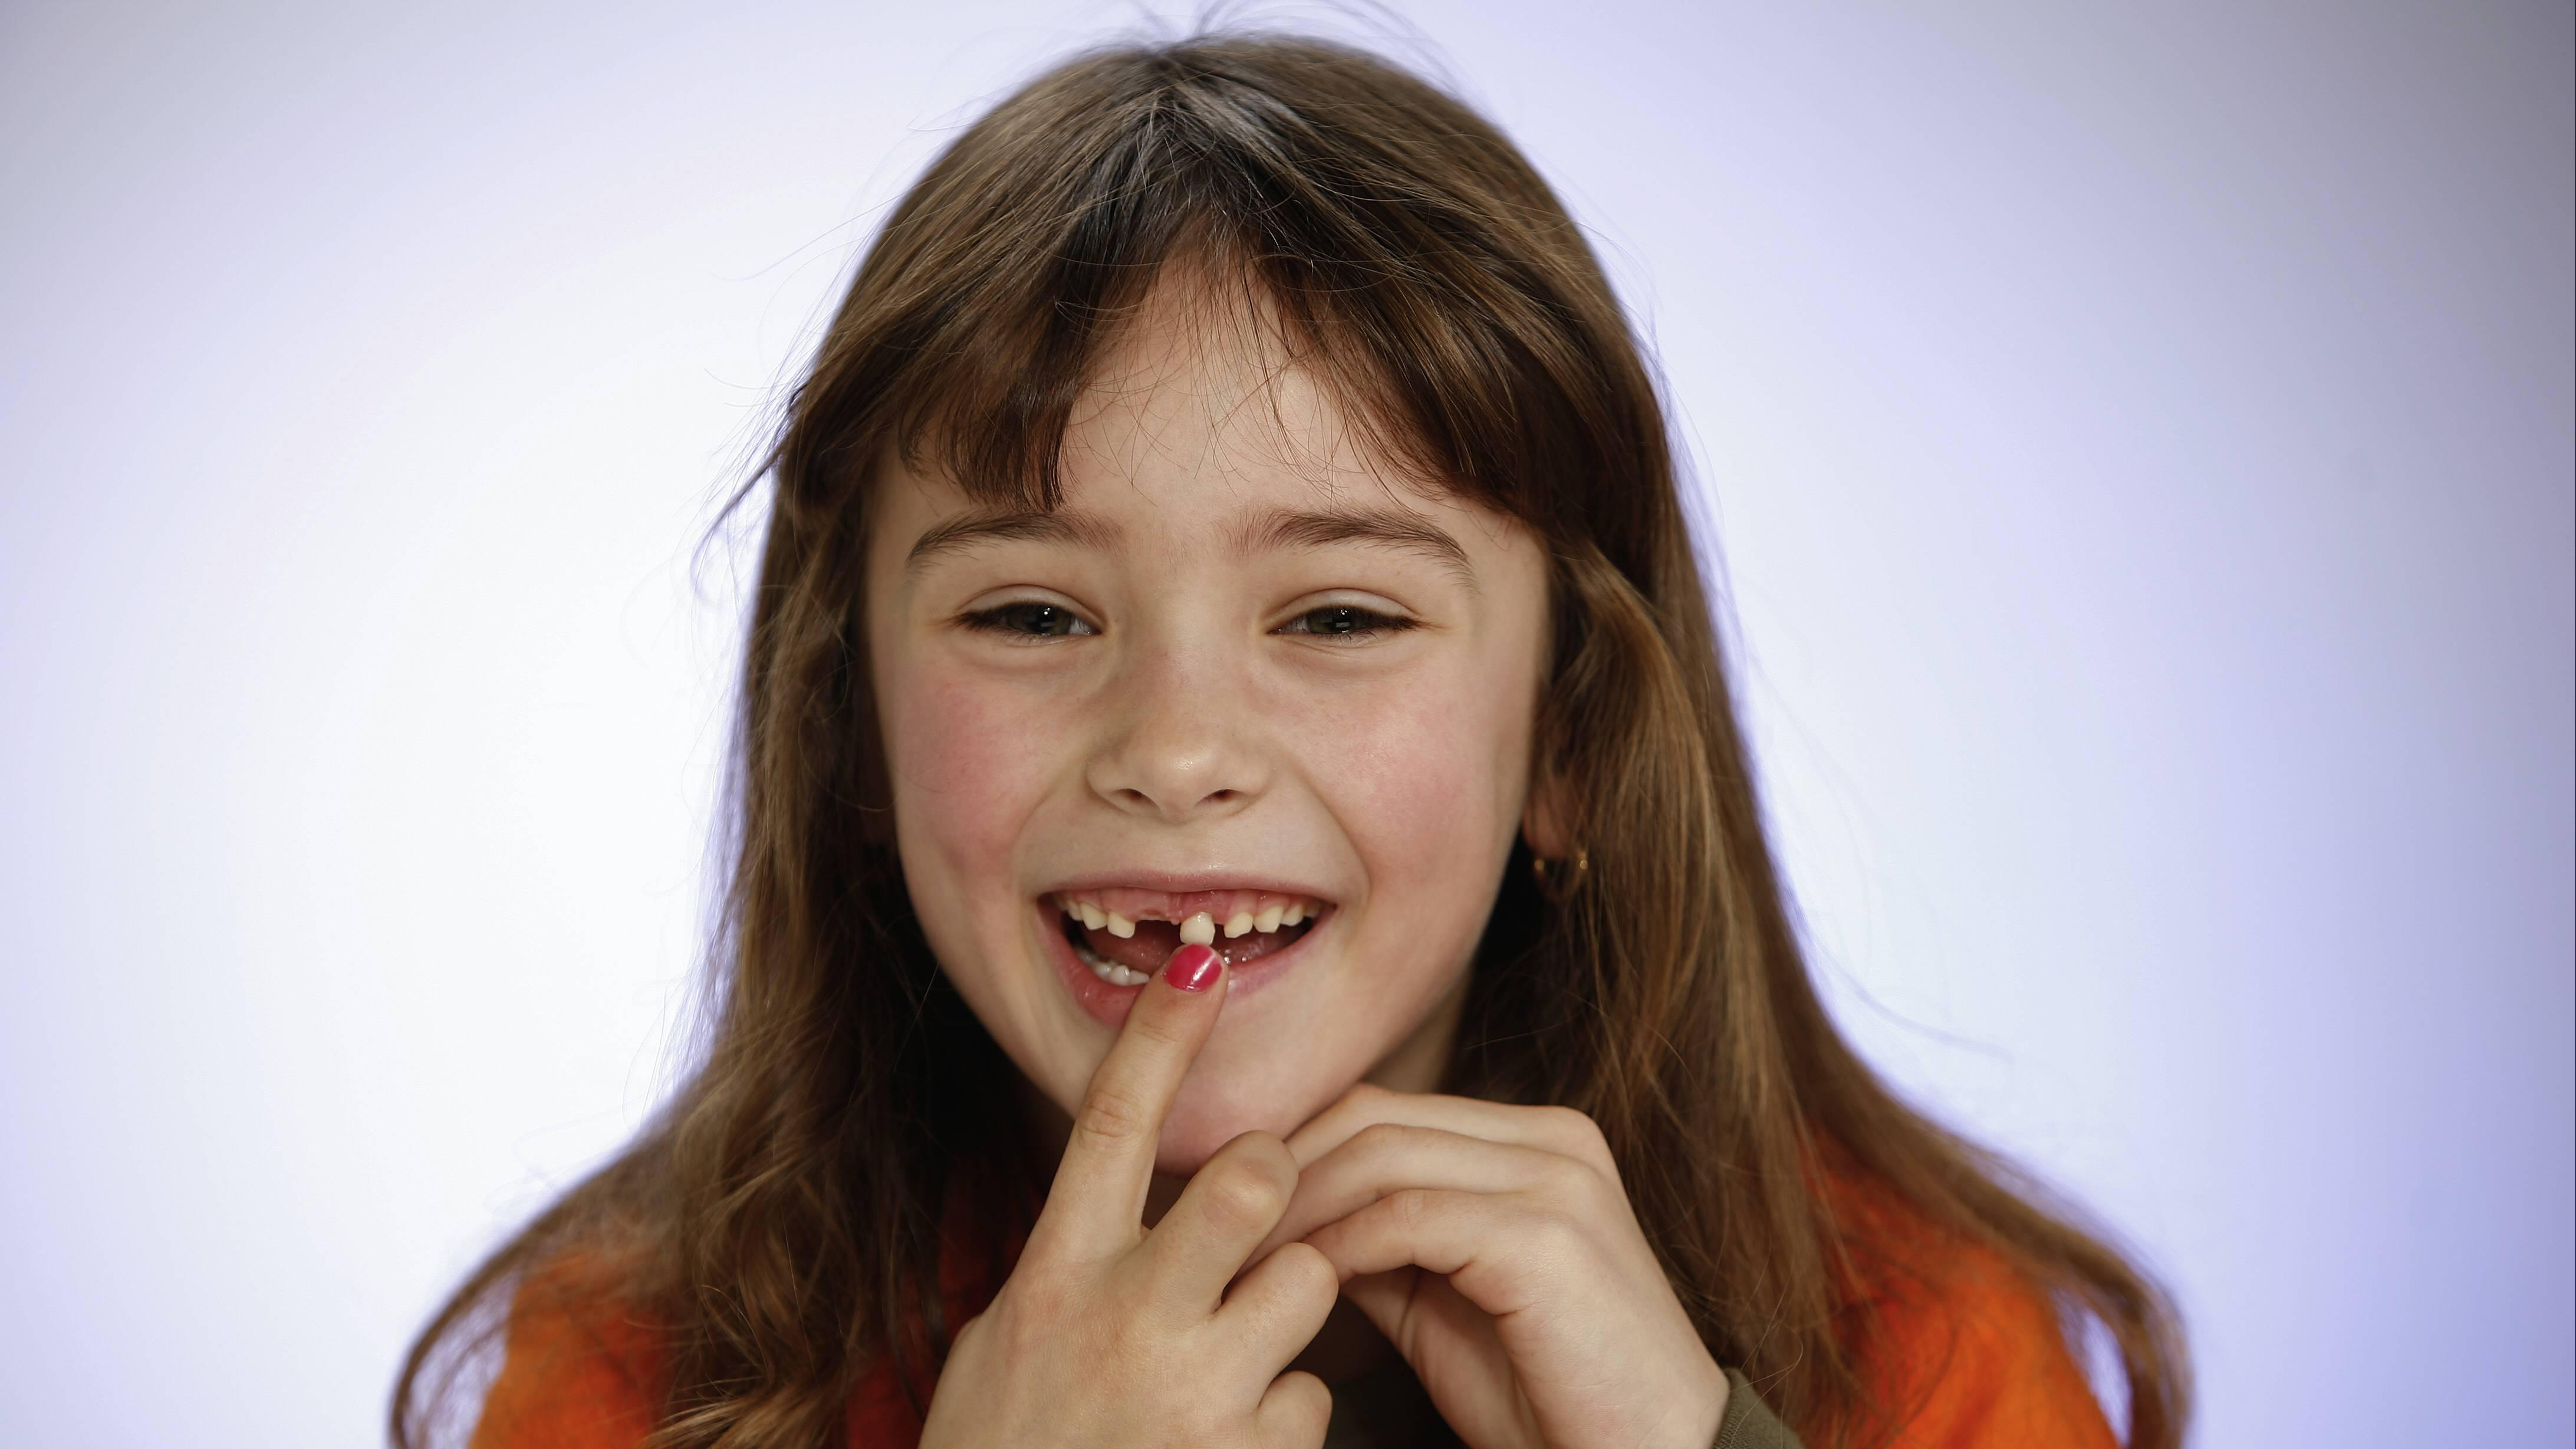 Zahnwechsel beim Kind: So vollzieht er sich und das sind die Herausforderungen